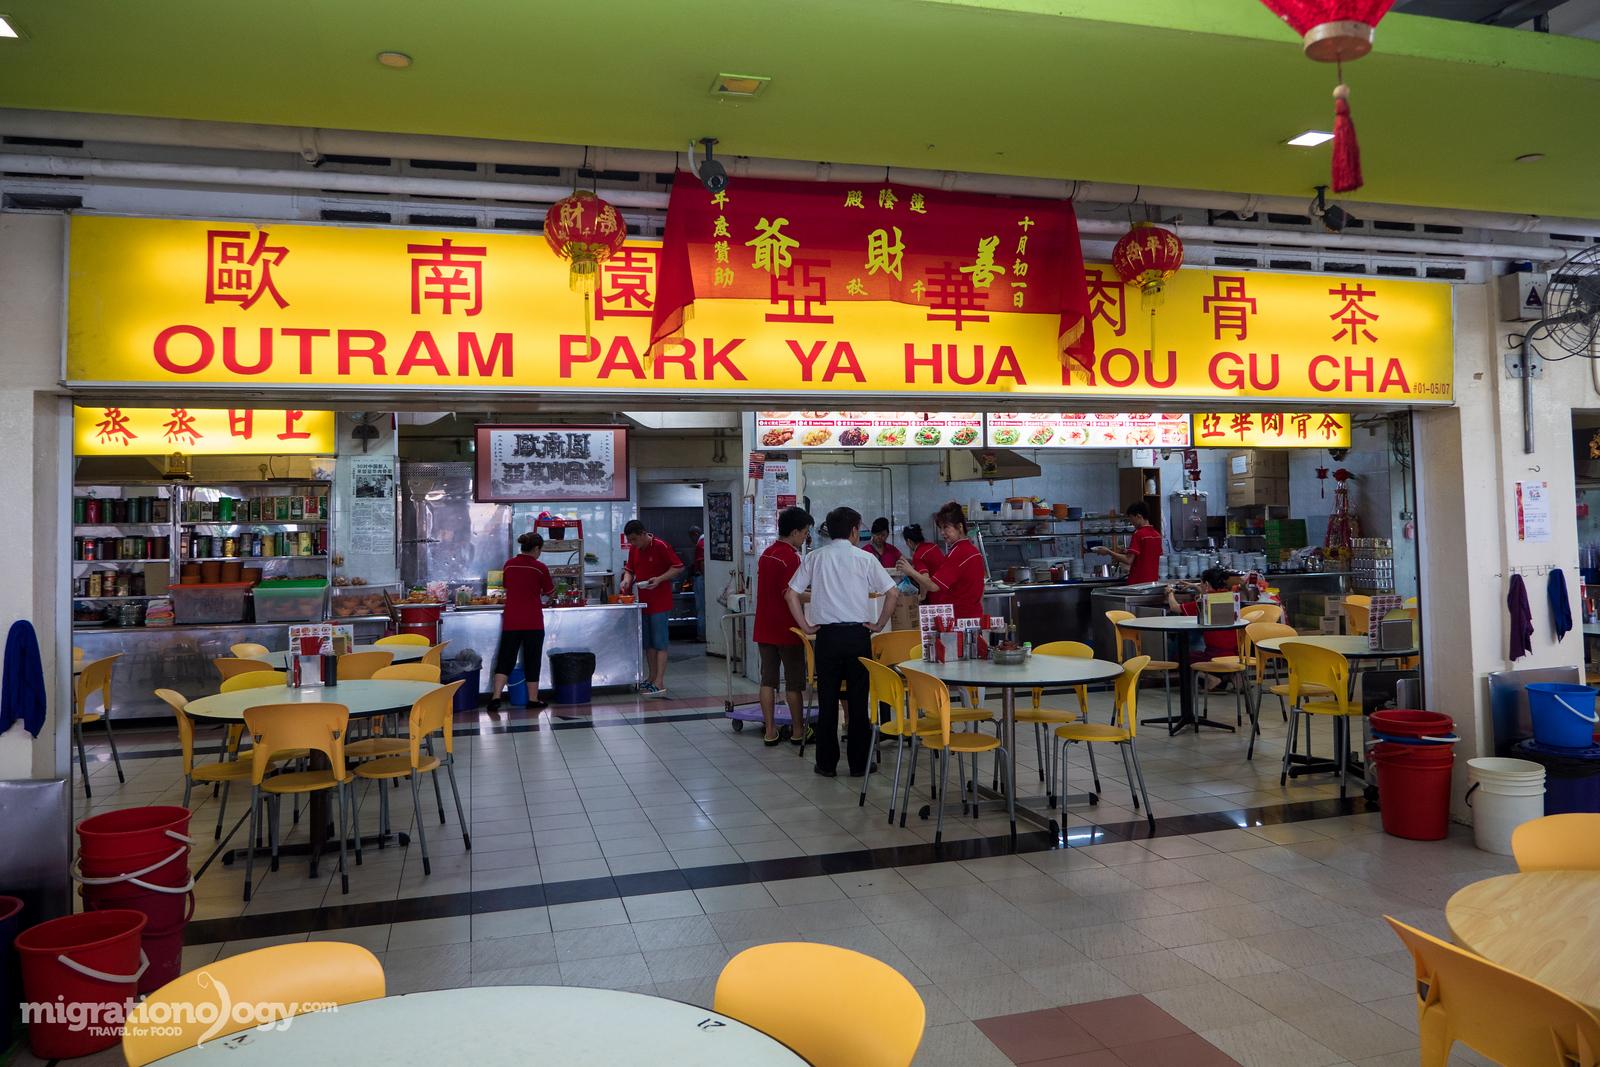 Outram Park Yahua Rou Gu Cha